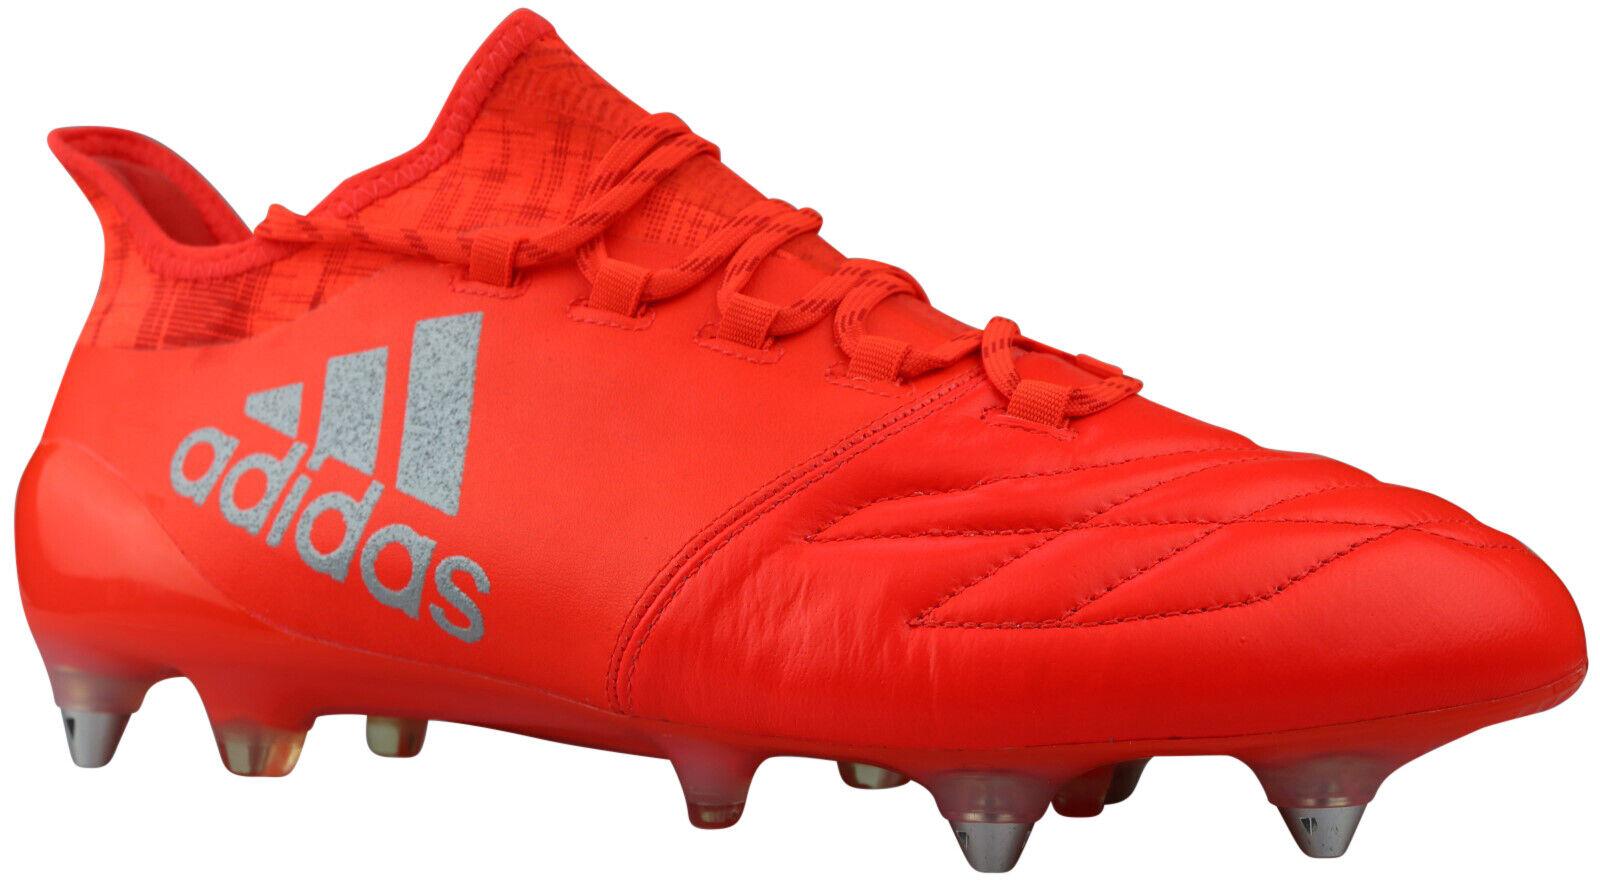 Adidas X 16.1 SG Fußballschuhe Leder Stollen rot S81973 Gr. 40,5 - 45 NEU & OVP    Bekannt für seine hervorragende Qualität